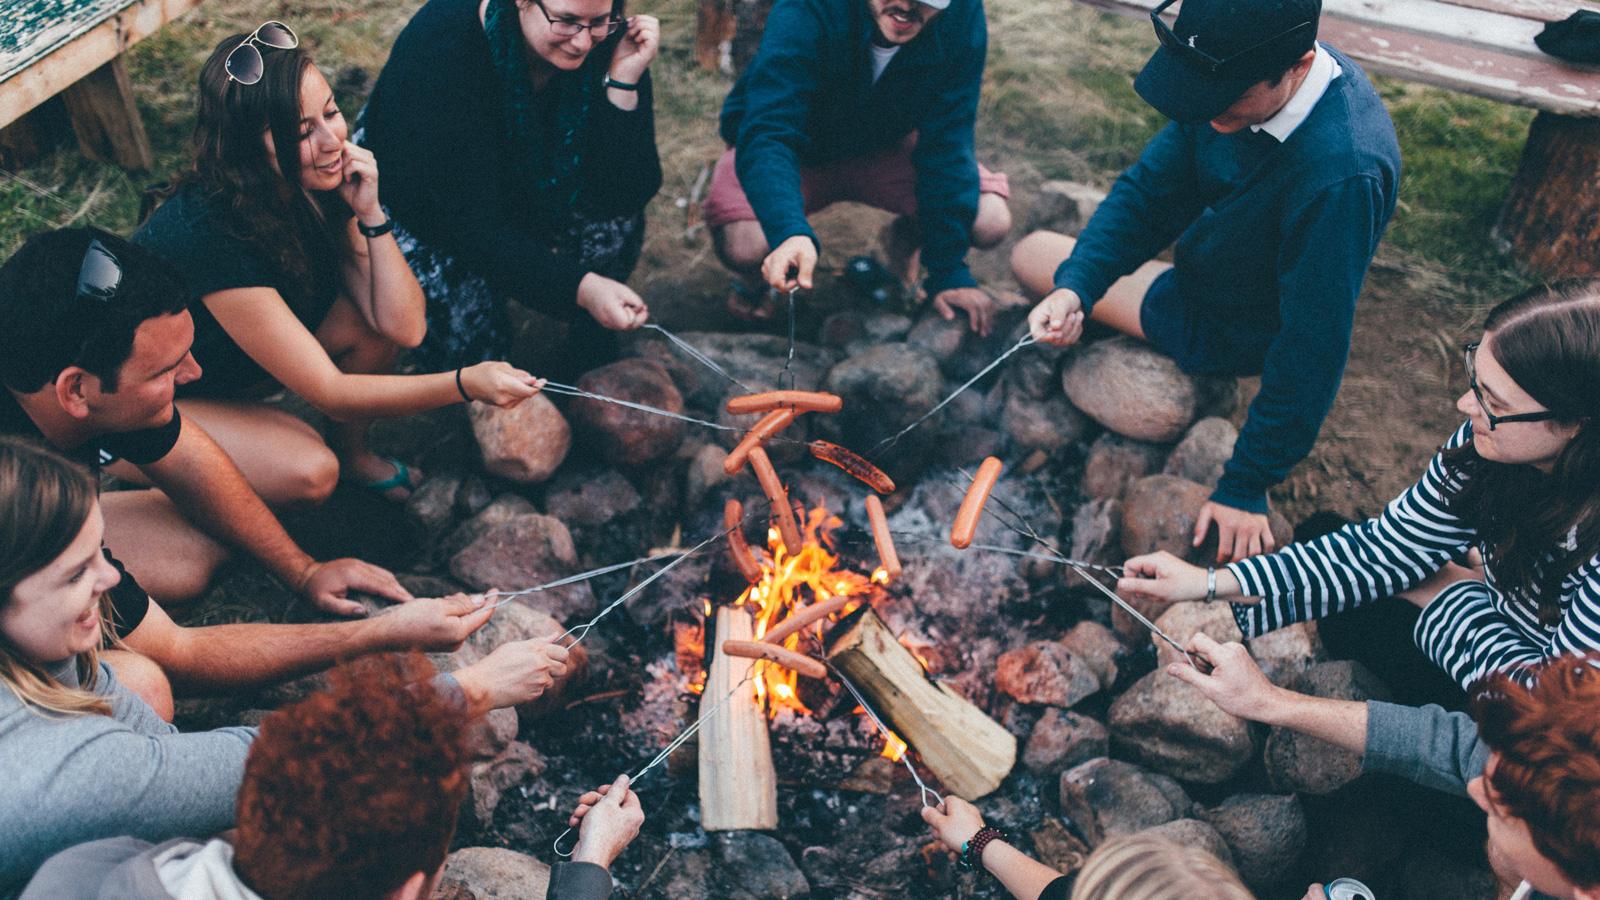 Atlantik Traum USA Gruppenreise für junge Leute Roadtrip traveljunkies